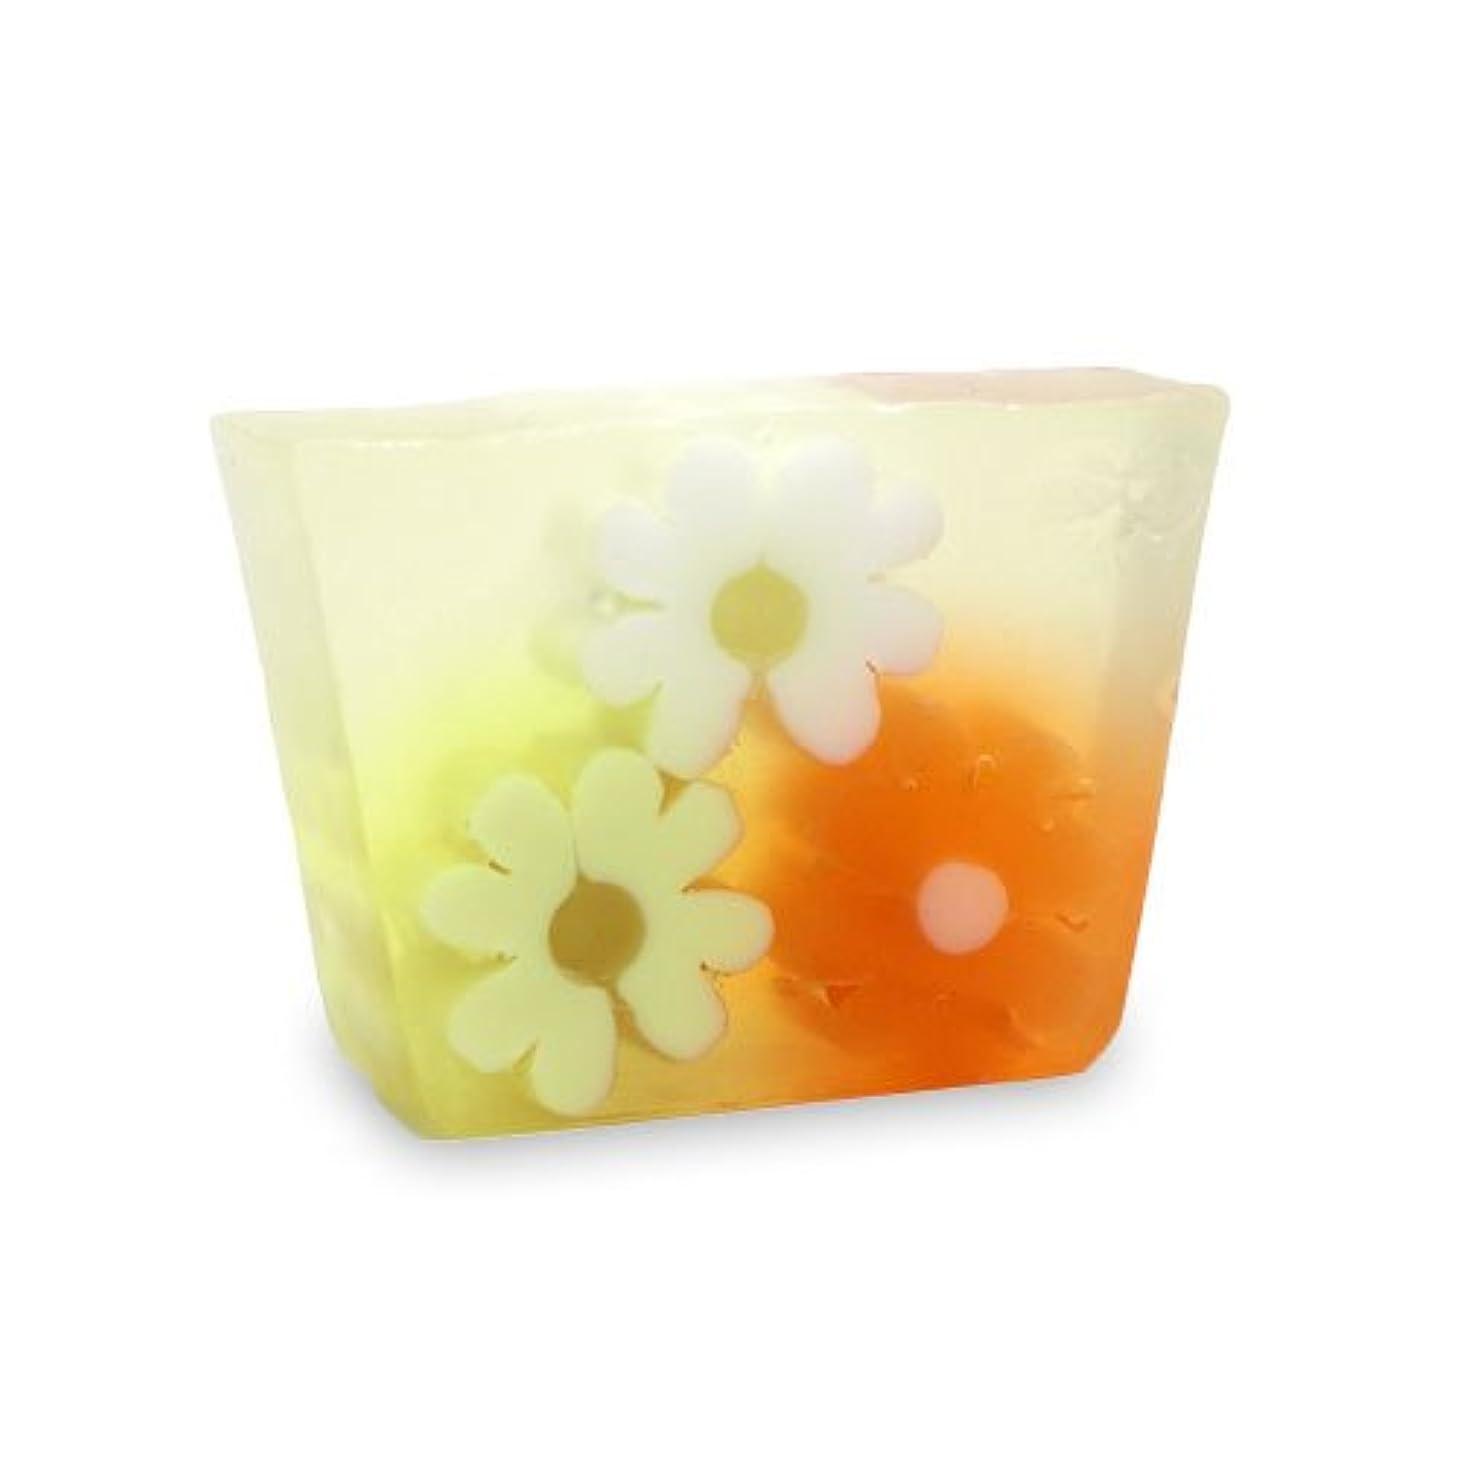 忍耐に賛成立証するプライモールエレメンツ アロマティック ミニソープ オレンジフラワーショップ 80g 植物性 ナチュラル 石鹸 無添加